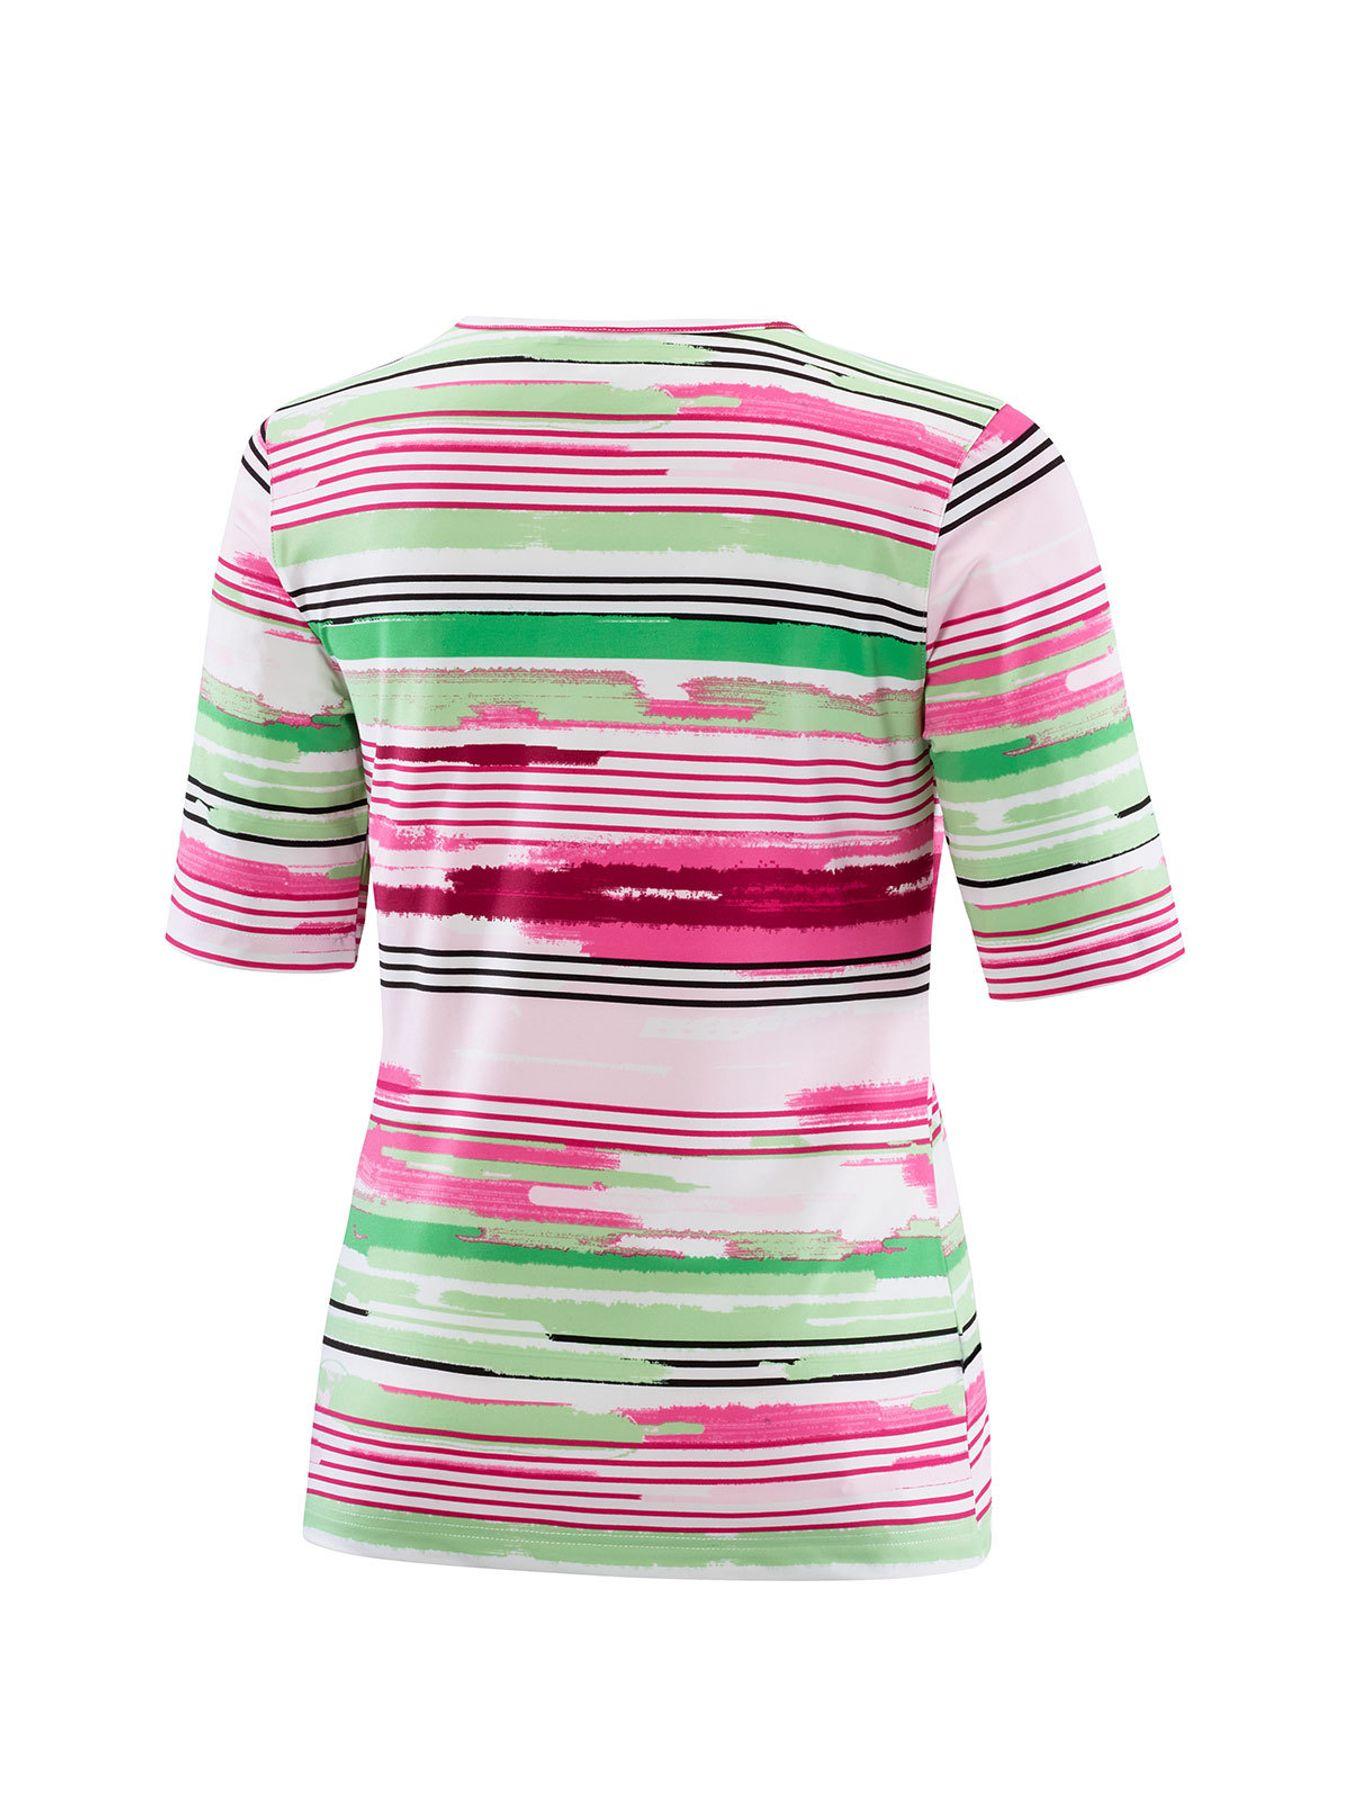 Joy - Damen Sport und Freizeit Shirt mit Streifen-Alloverprint, Alessa (30170A) – Bild 2